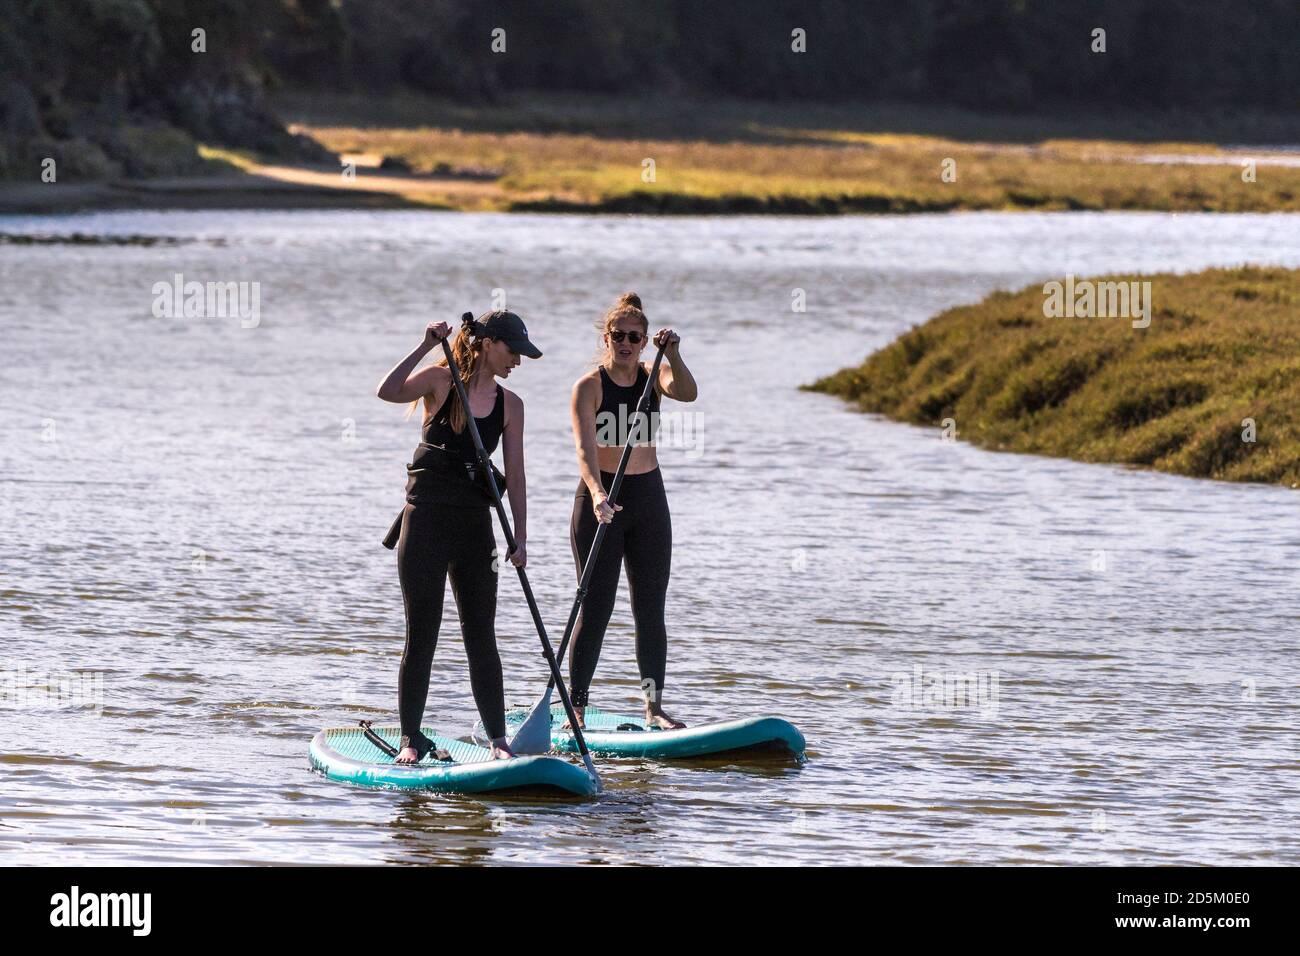 Deux femmes en vacances debout sur des planches à pédales Stand Up et pagayant sur la rivière Gannel à Newquay, en Cornouailles. Banque D'Images